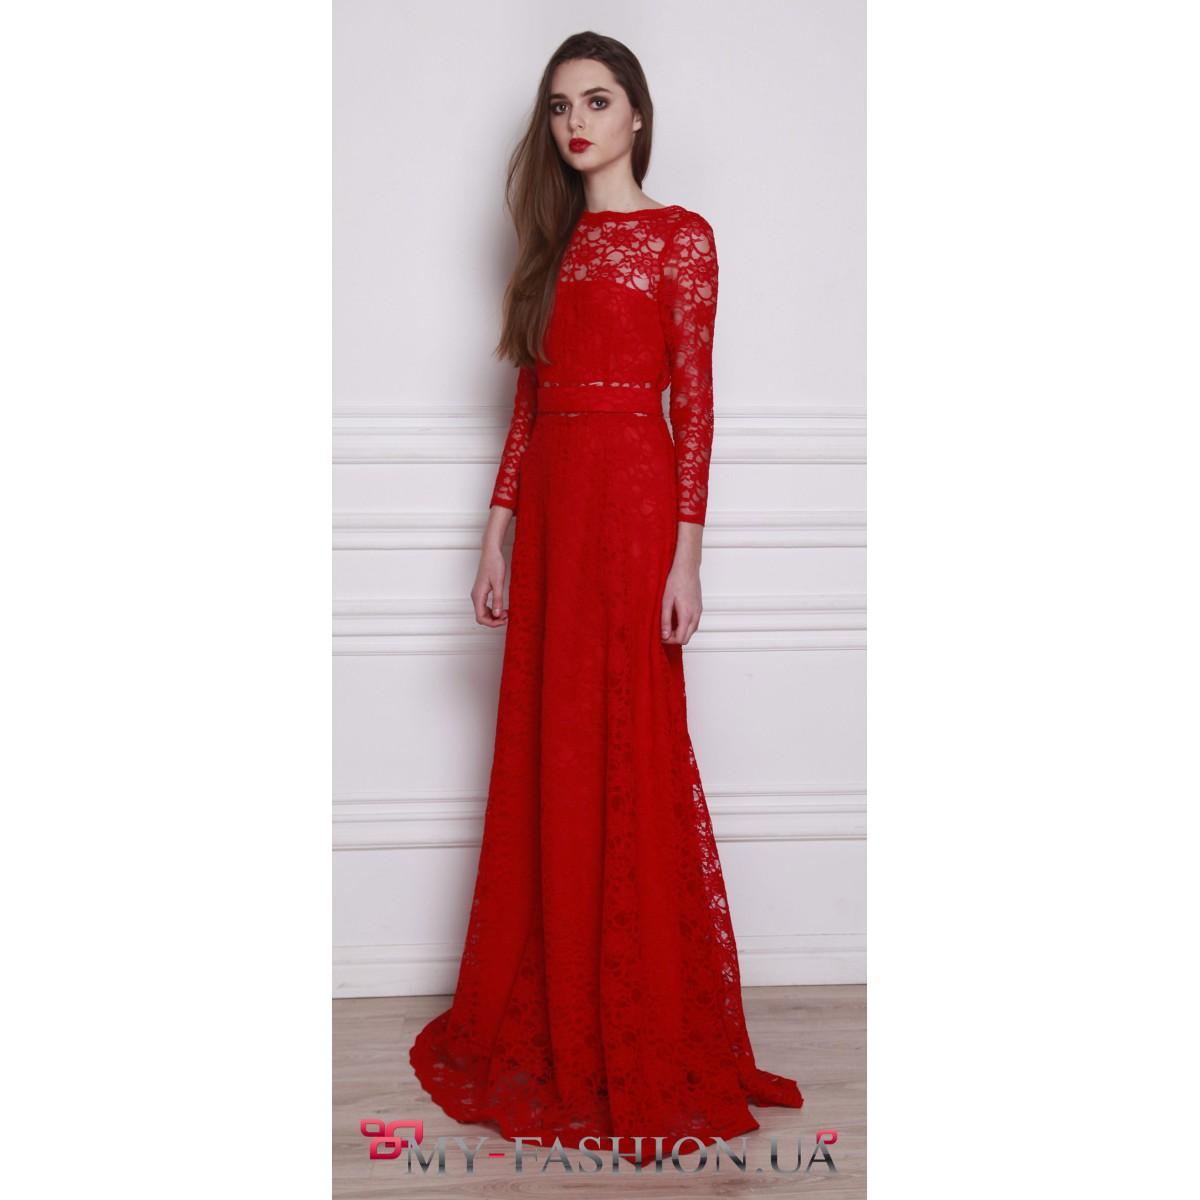 Женская одежда из китая дешево доставка